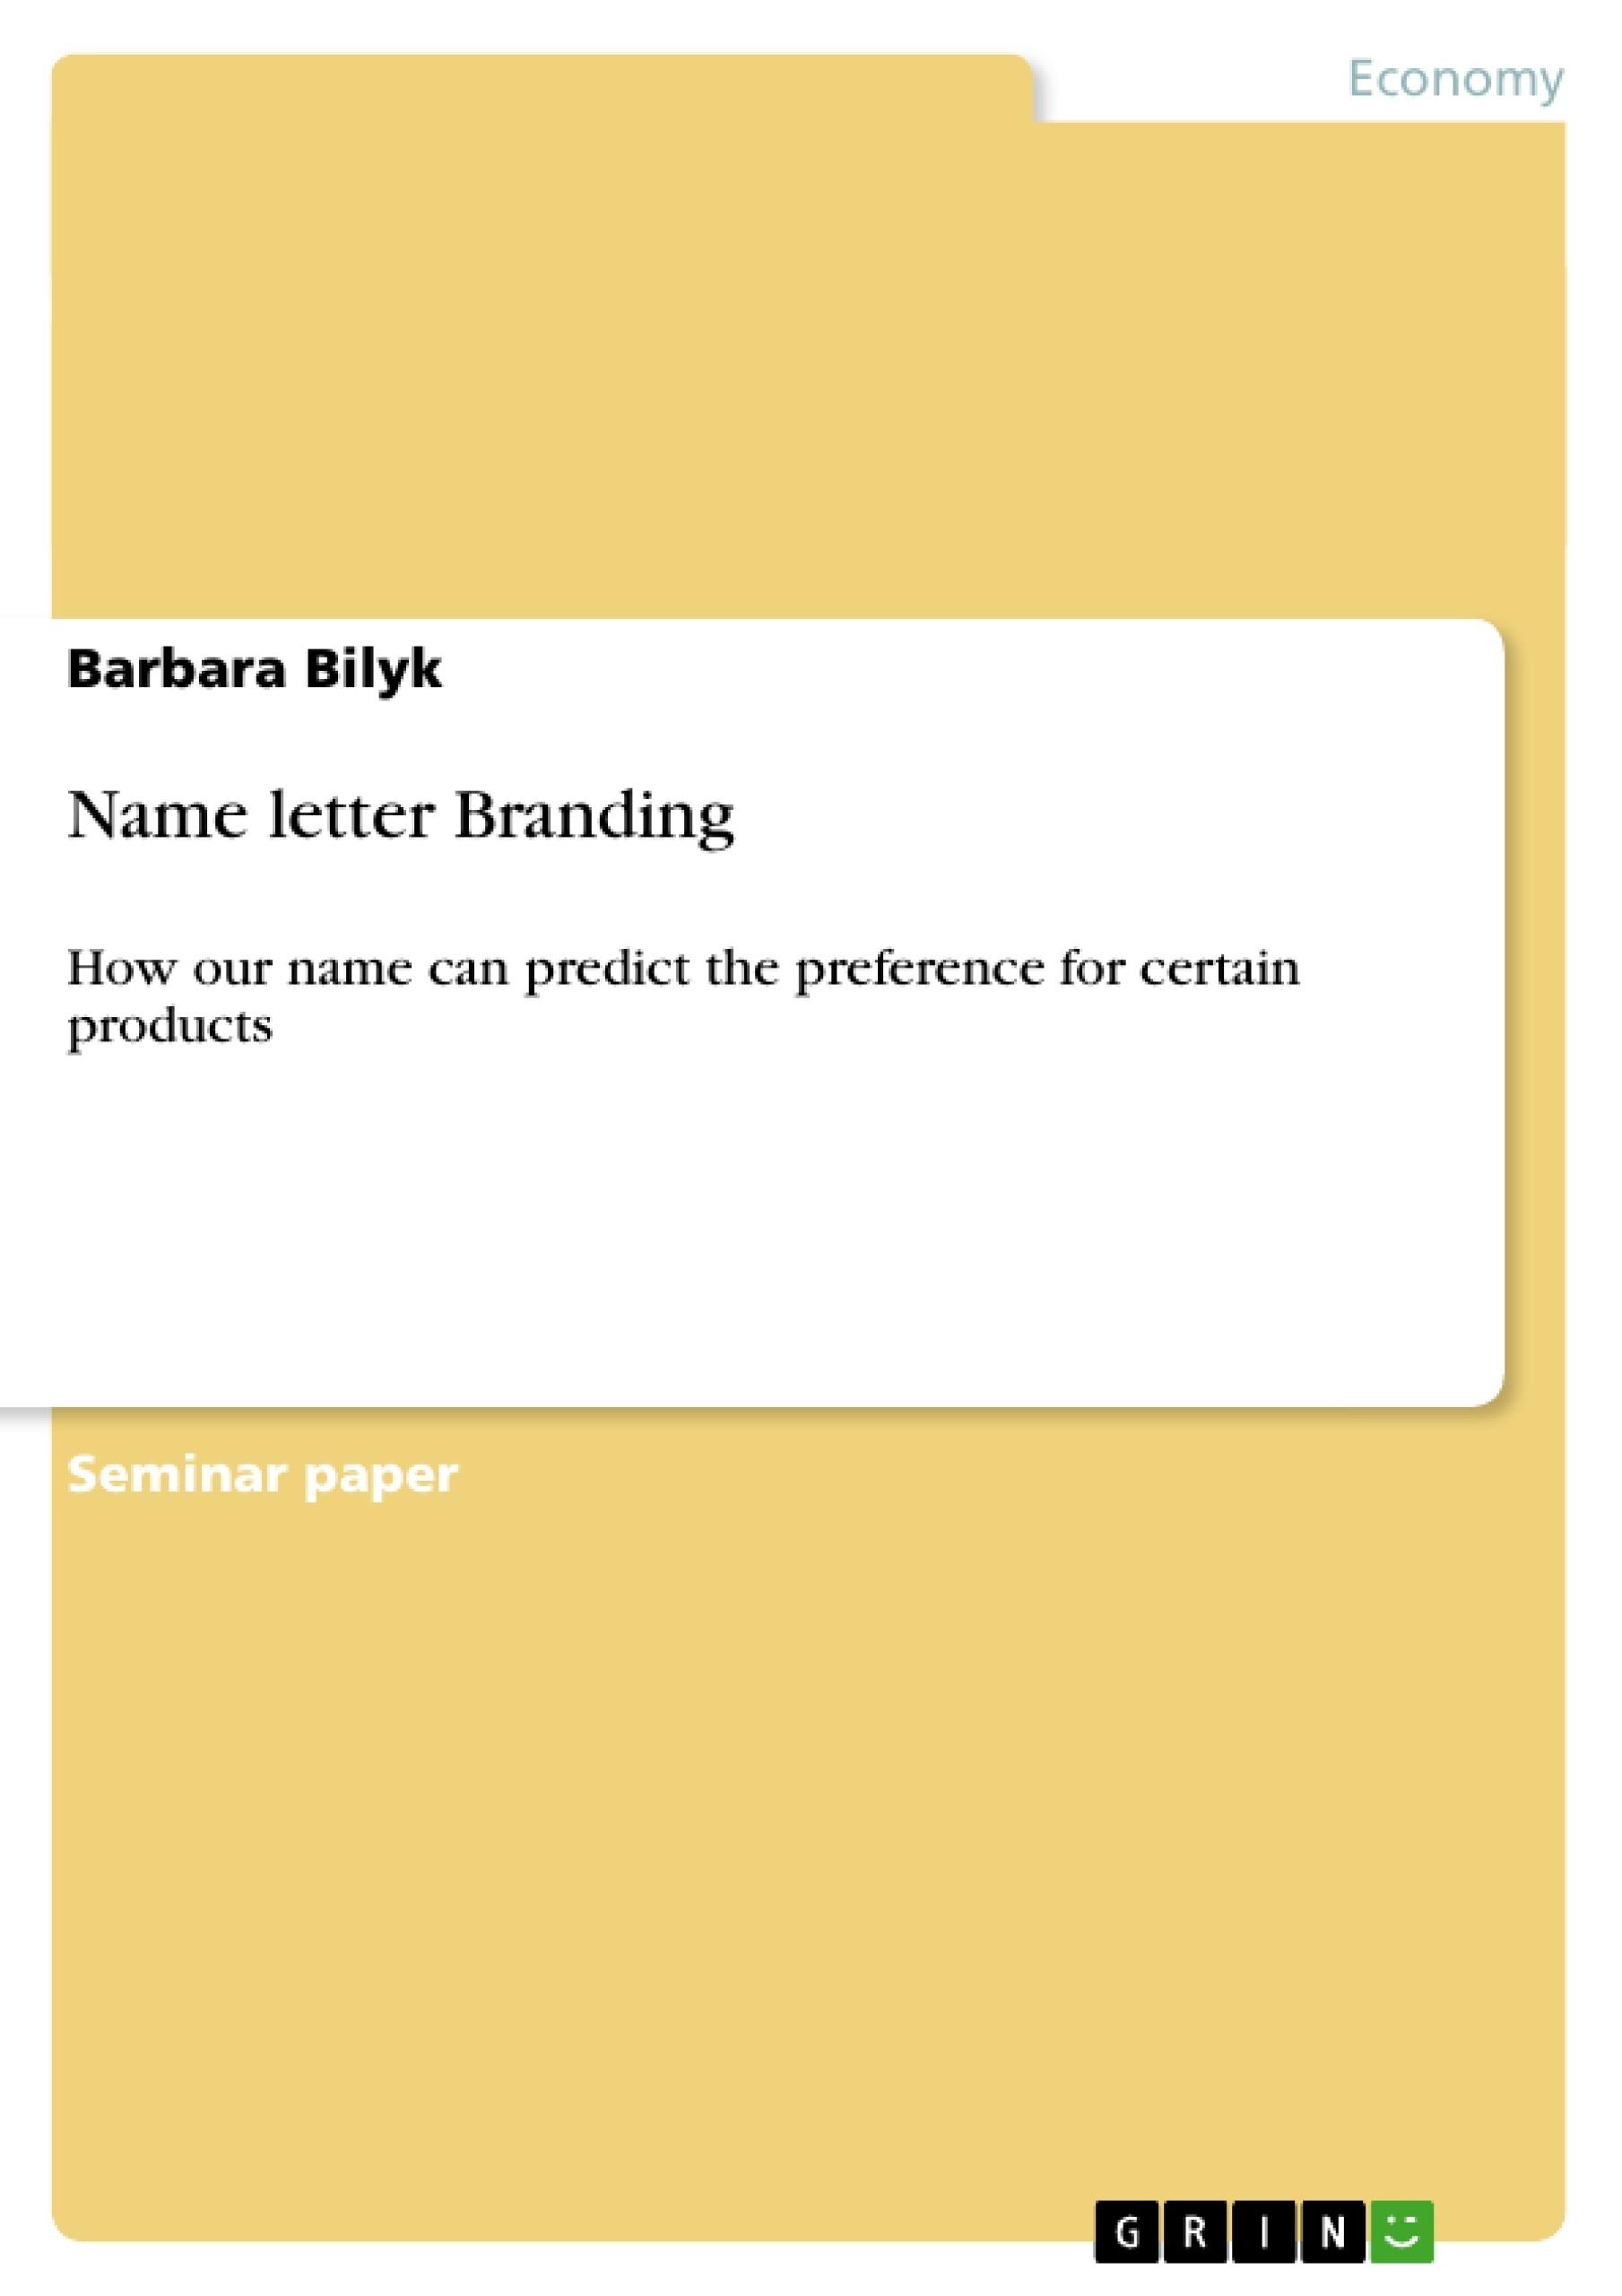 Title: Name letter Branding